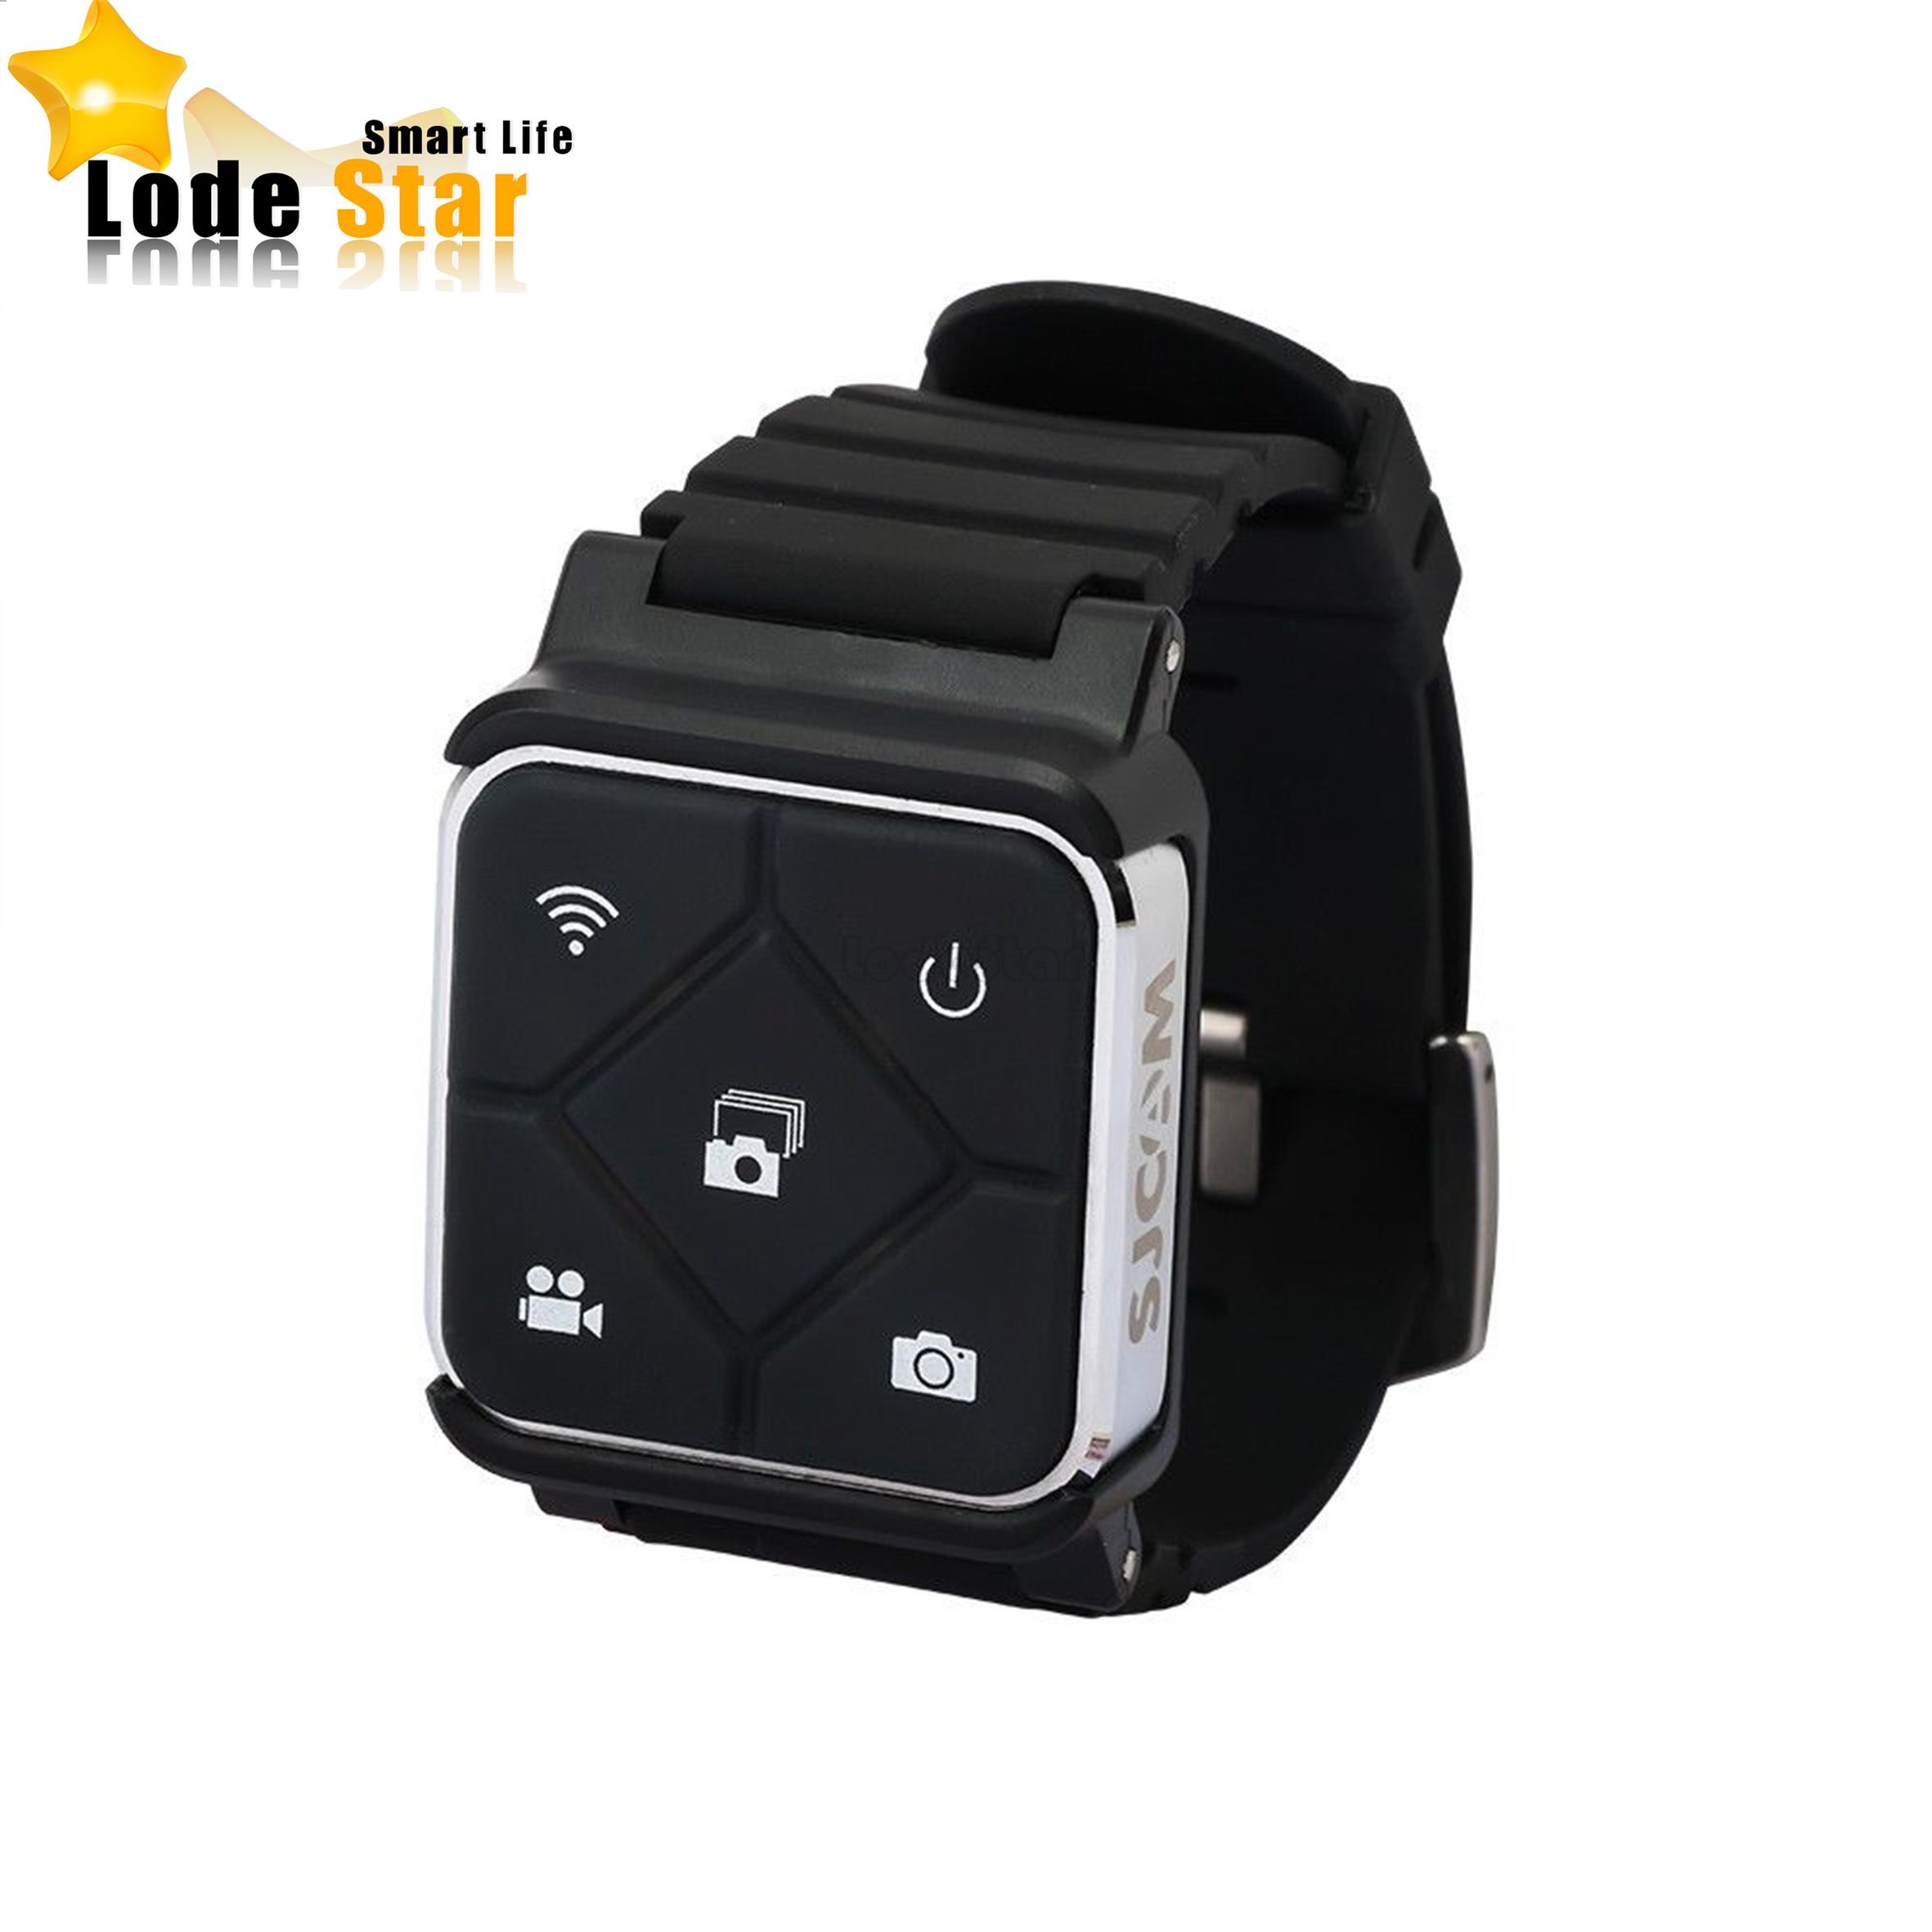 Оригинал SJCAM M20 Wi-Fi Пульт Дистанционного Управления Часы с Ремешок многофункциональный РФ Наручные дистанционного для M20 SJCAM Спорт Действий камера